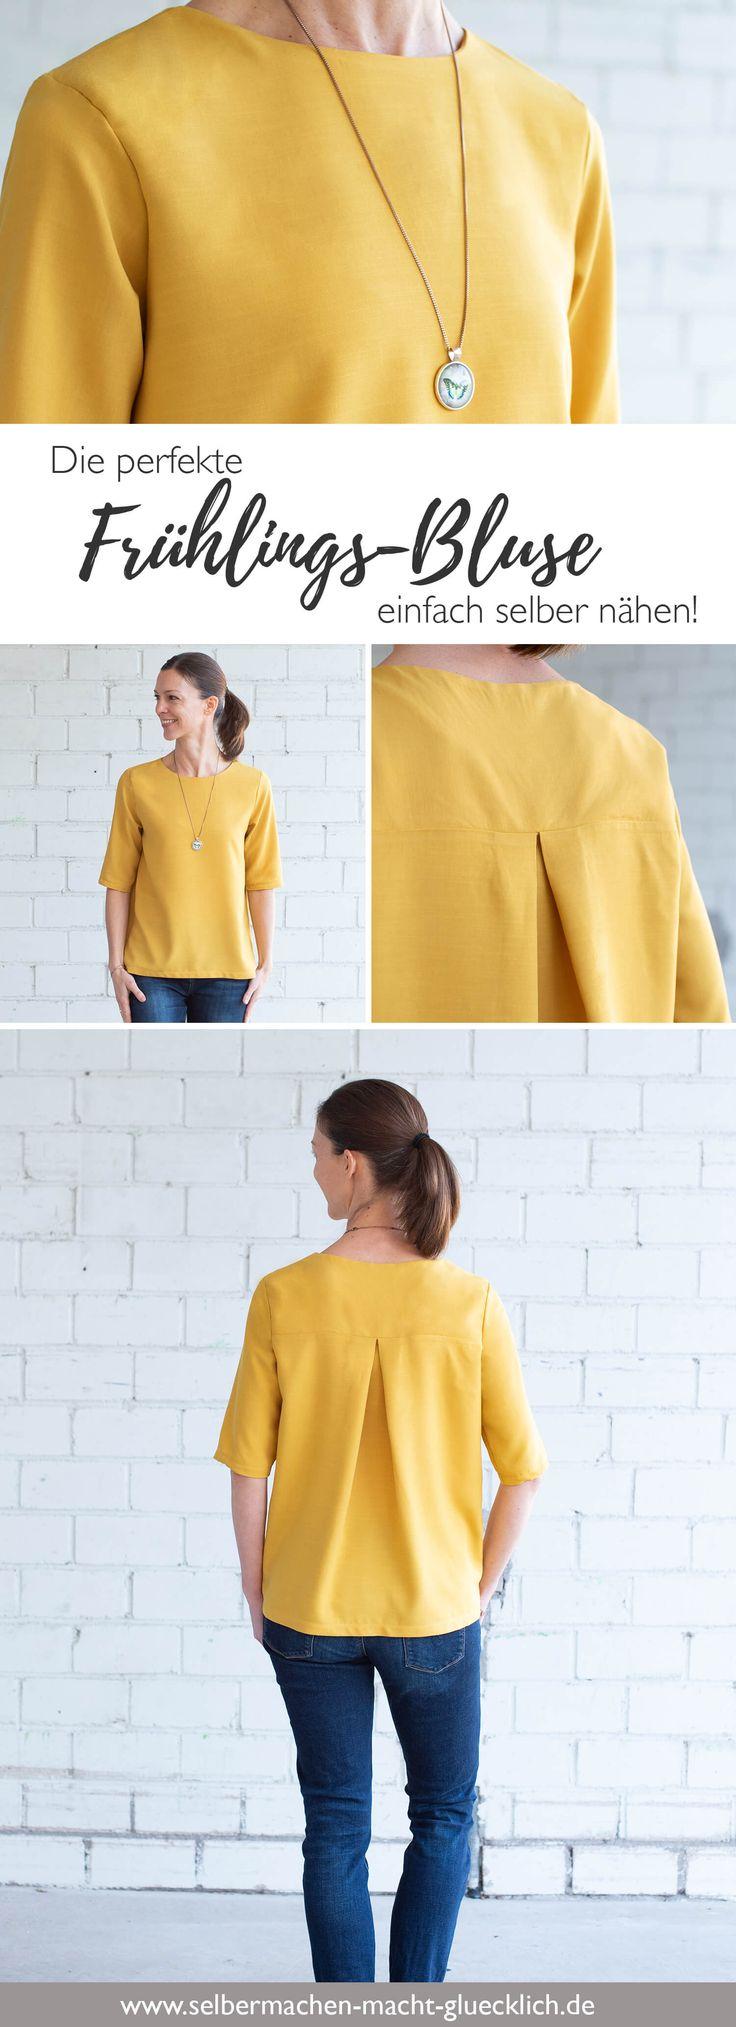 Damen Blusen Schnittmuster – Die perfekte Frühlings-Bluse selber nähen! – Selbermachen macht glücklich